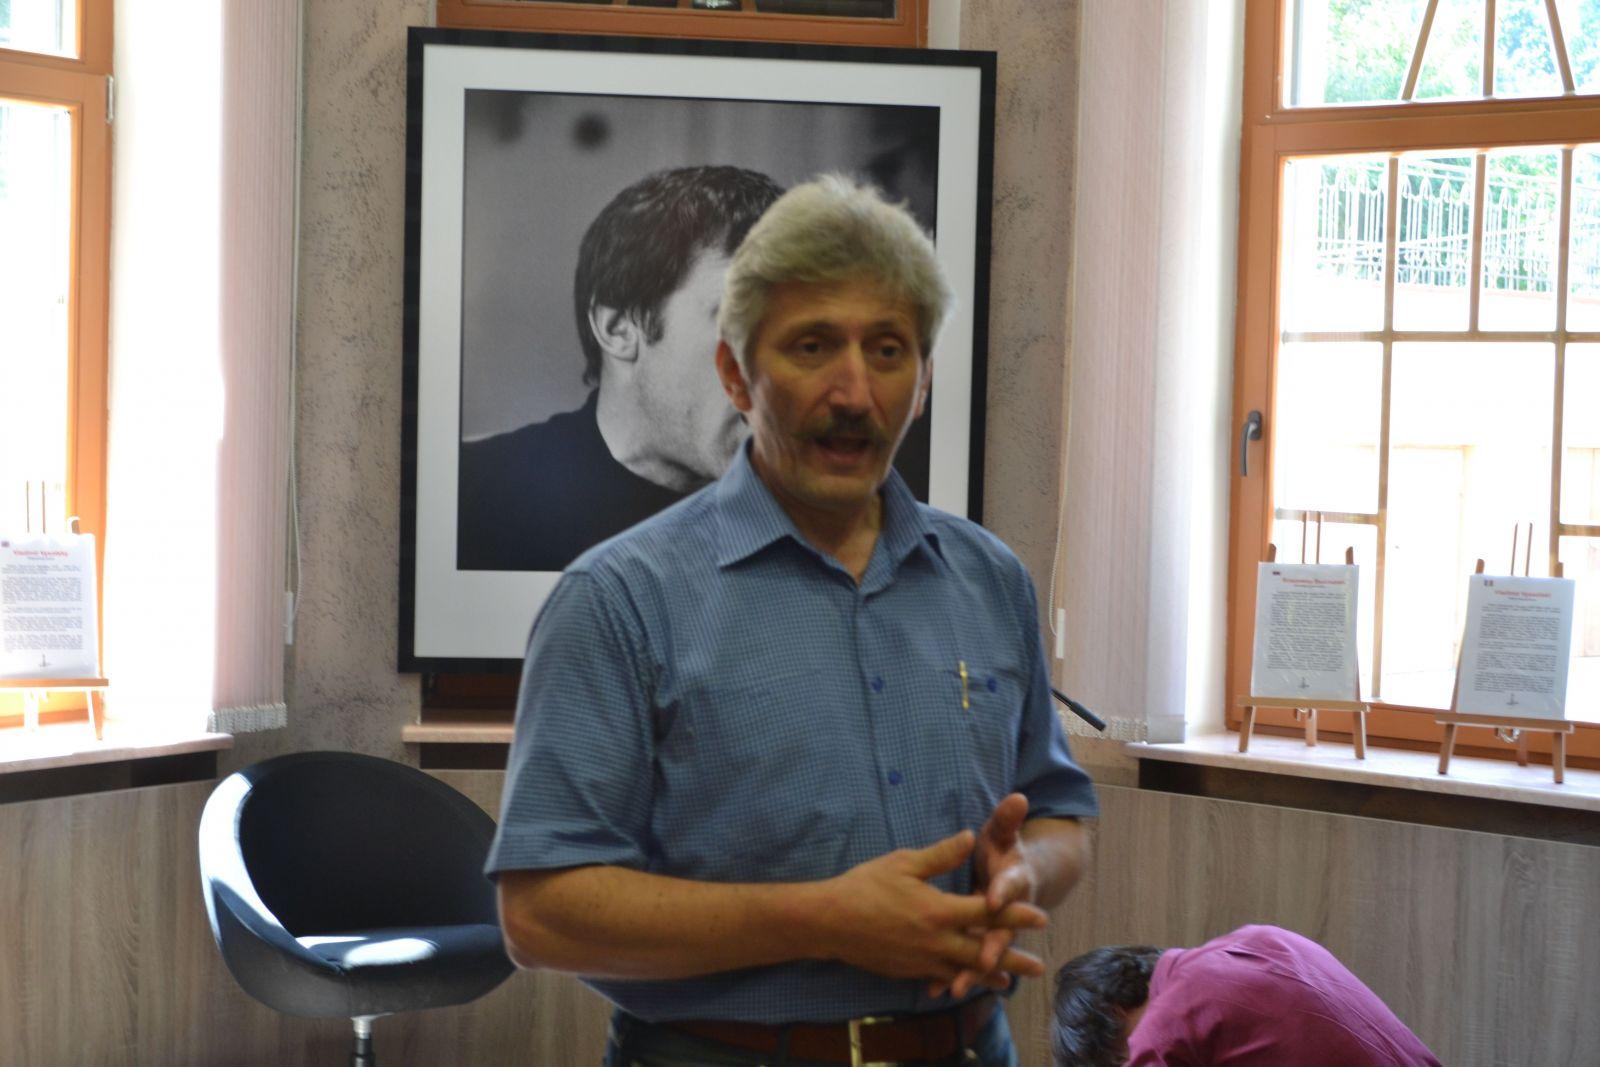 Эксклюзив на ХОЧУ: в Киеве открылся музей Владимира Высоцкого - фото №4